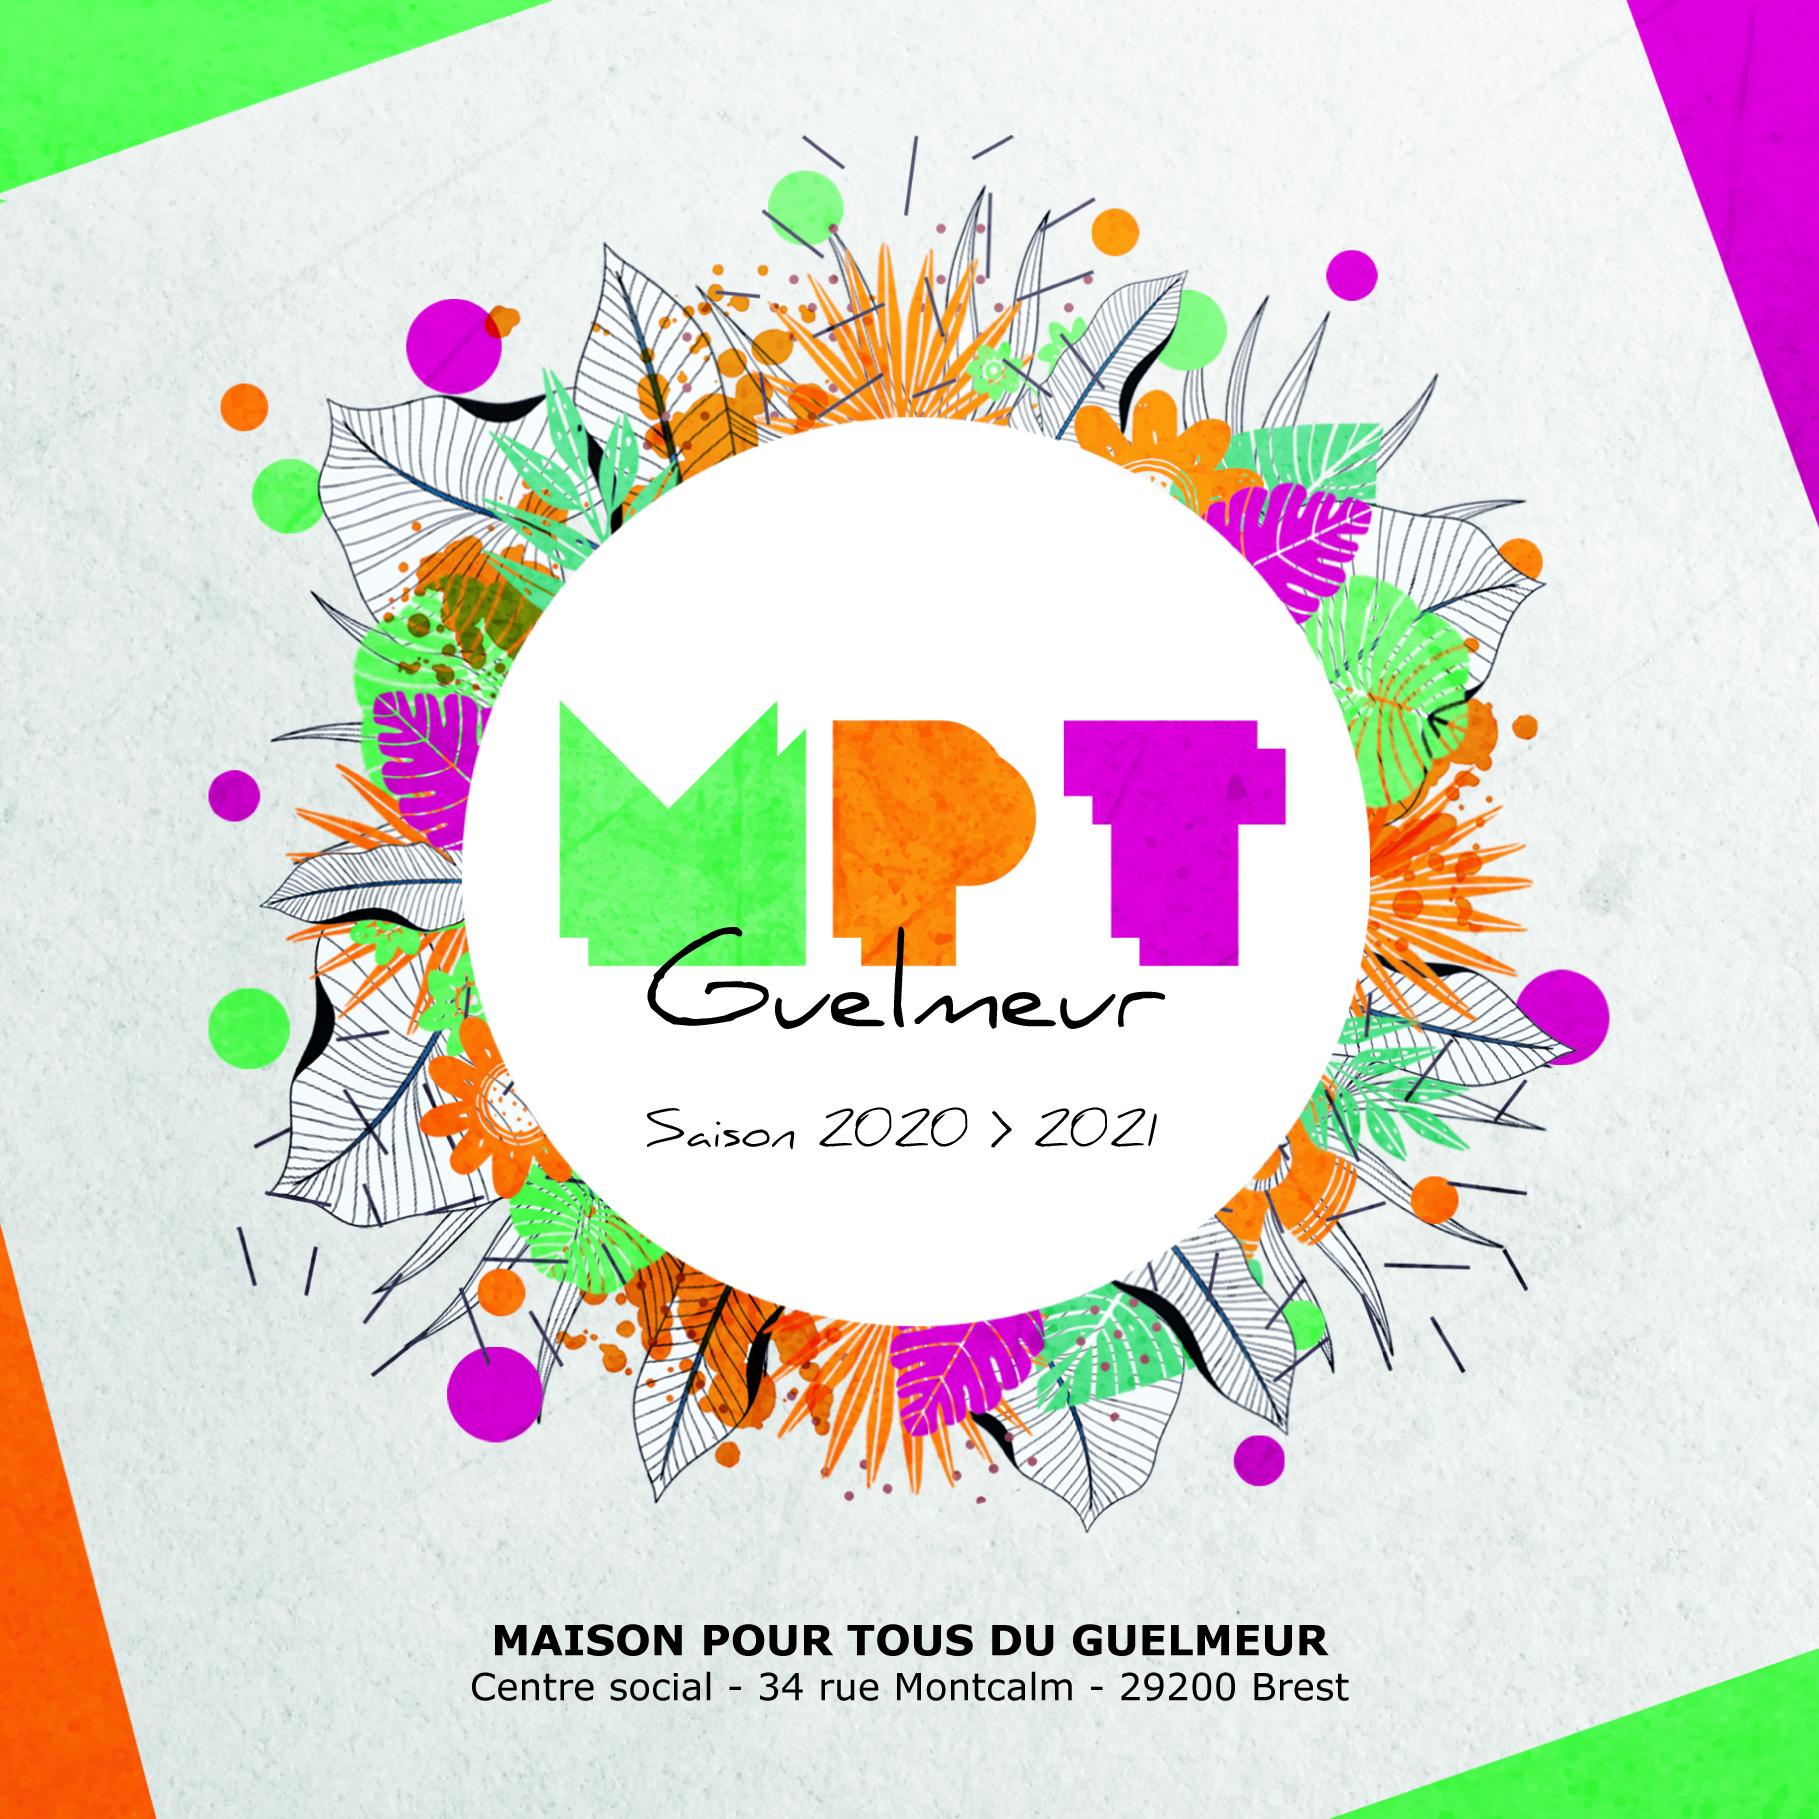 Plaquette_MPT-GUELMEUR_2020-21_web-1